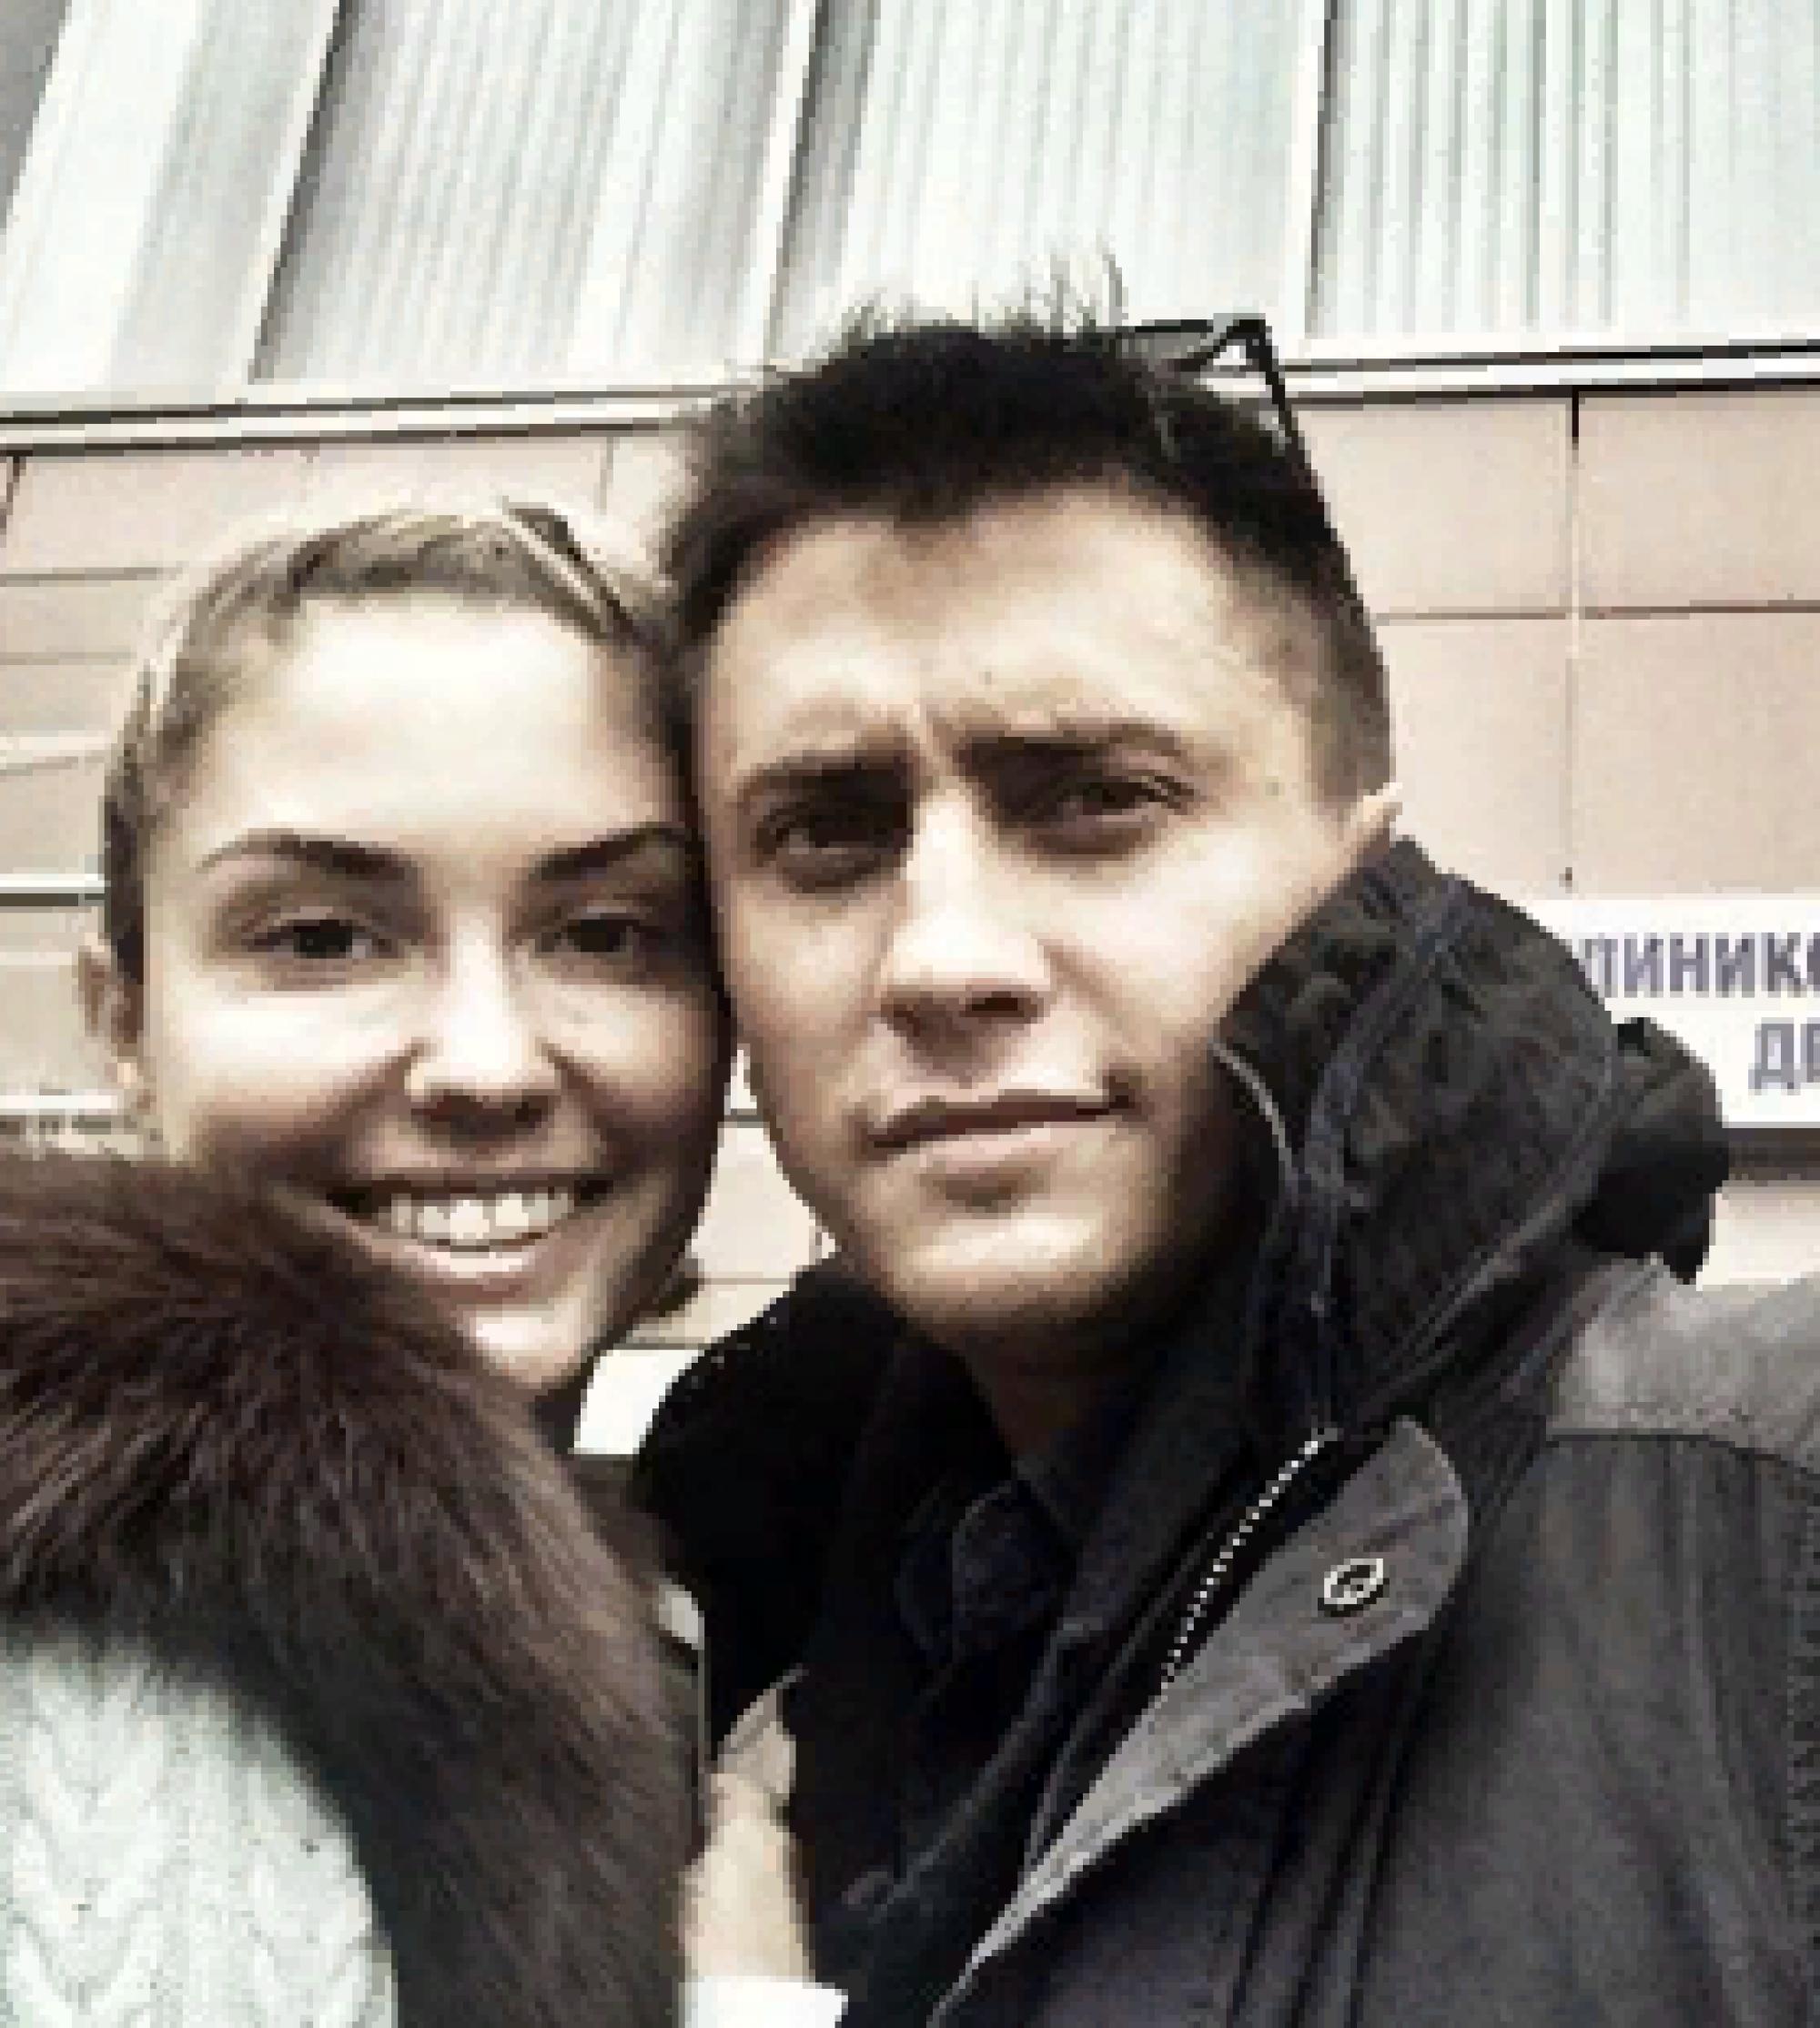 «Двигается потихонечку»: Агата Муцениеце прокомментировала развод с Павлом Прилучным